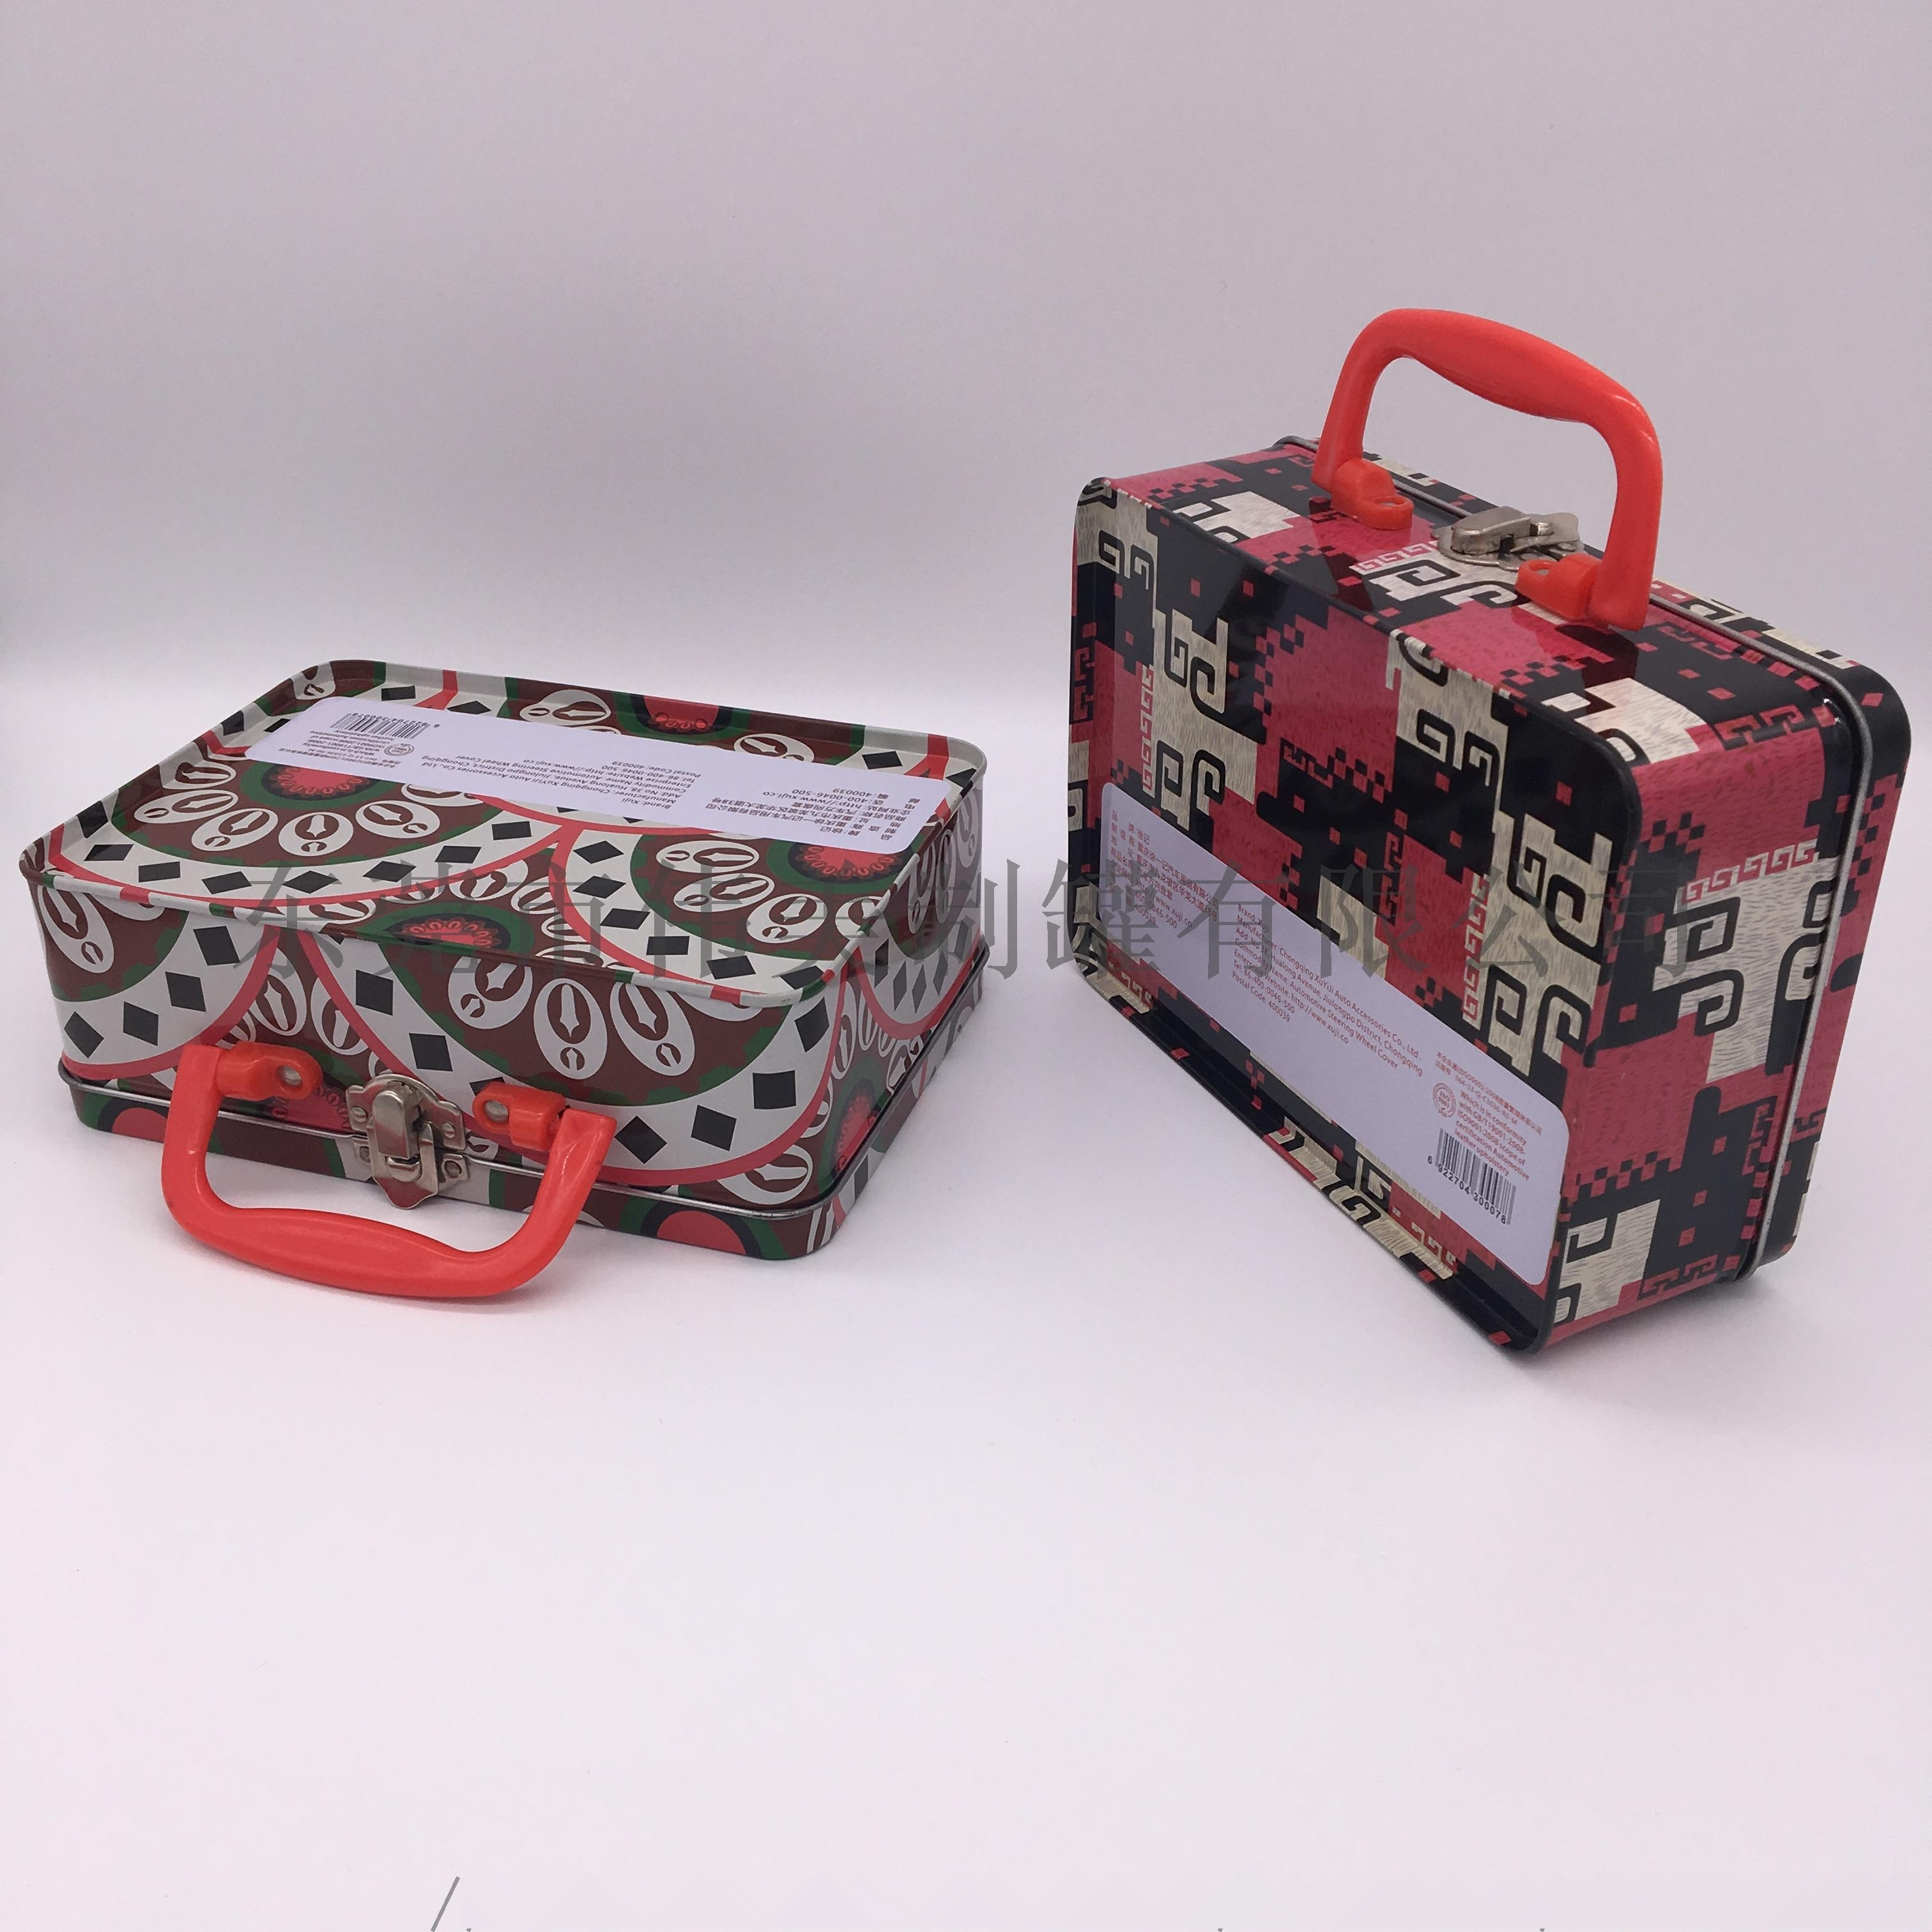 马口铁手挽罐午餐盒 马口铁手提盒780094882